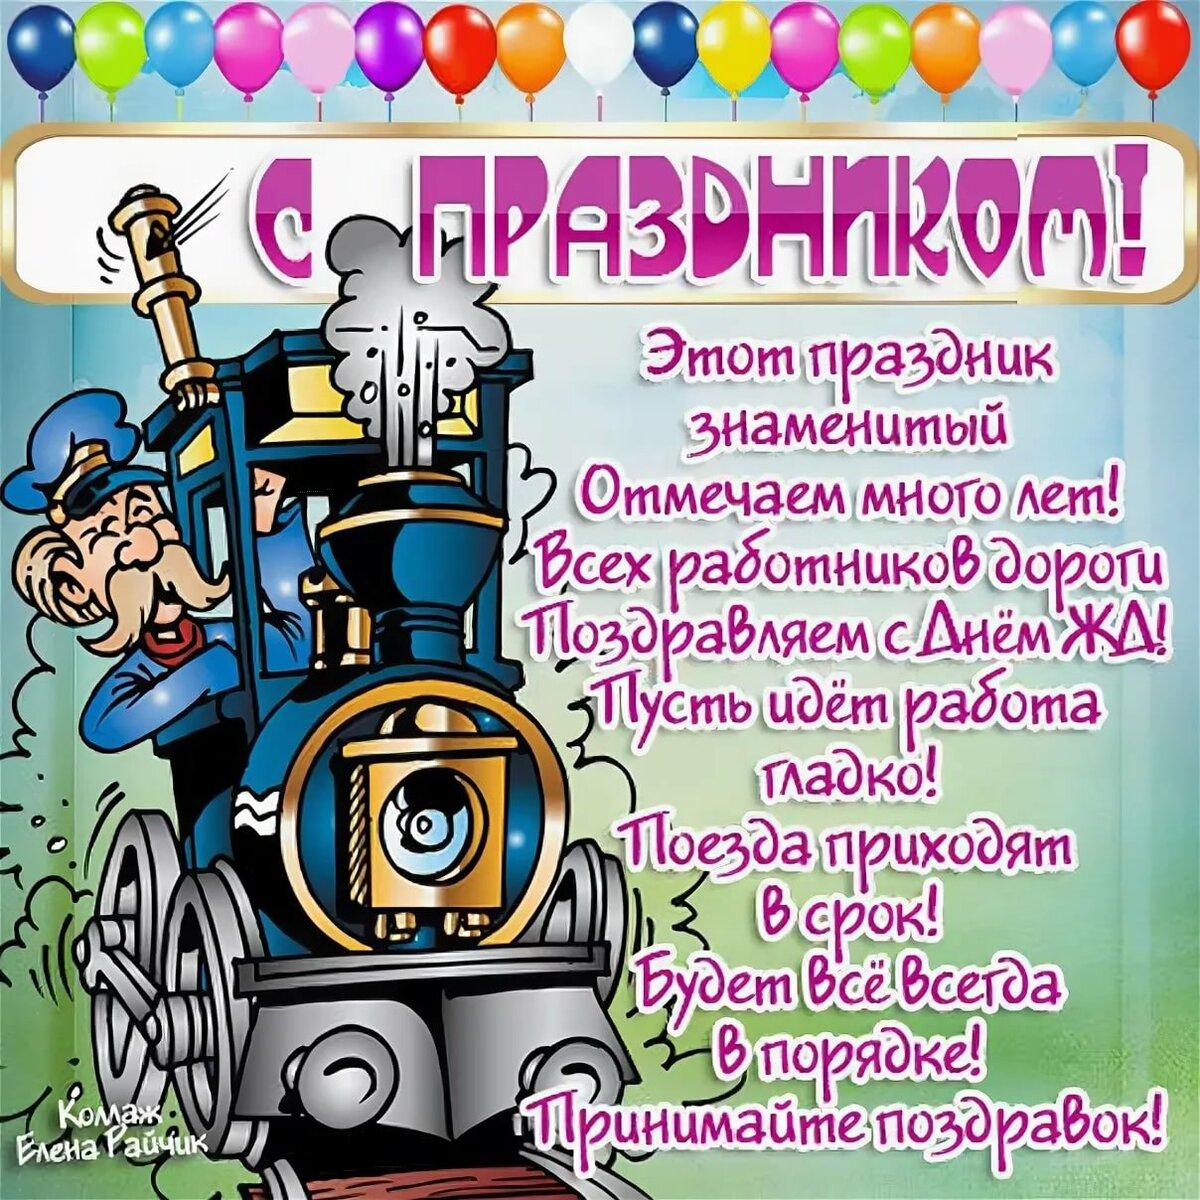 Поздравление для дяди с днем железнодорожника